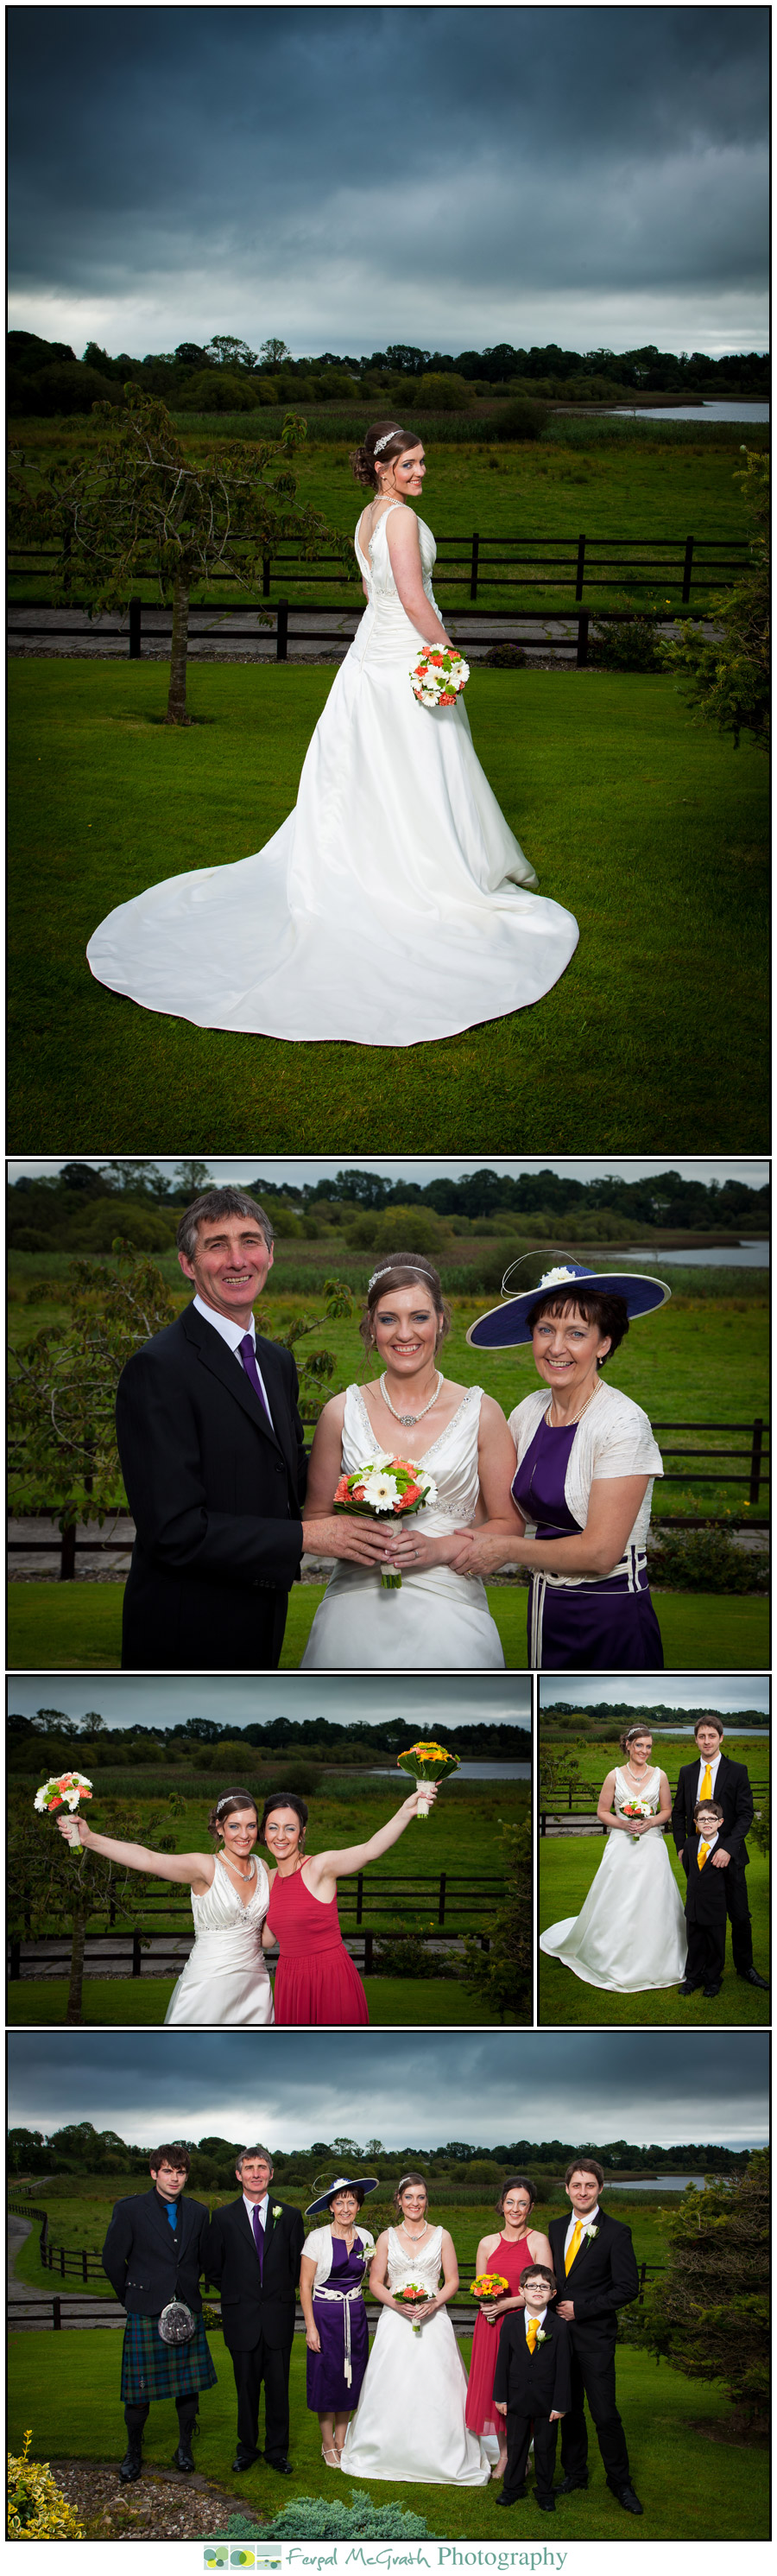 sarah and david moon wedding photos 3